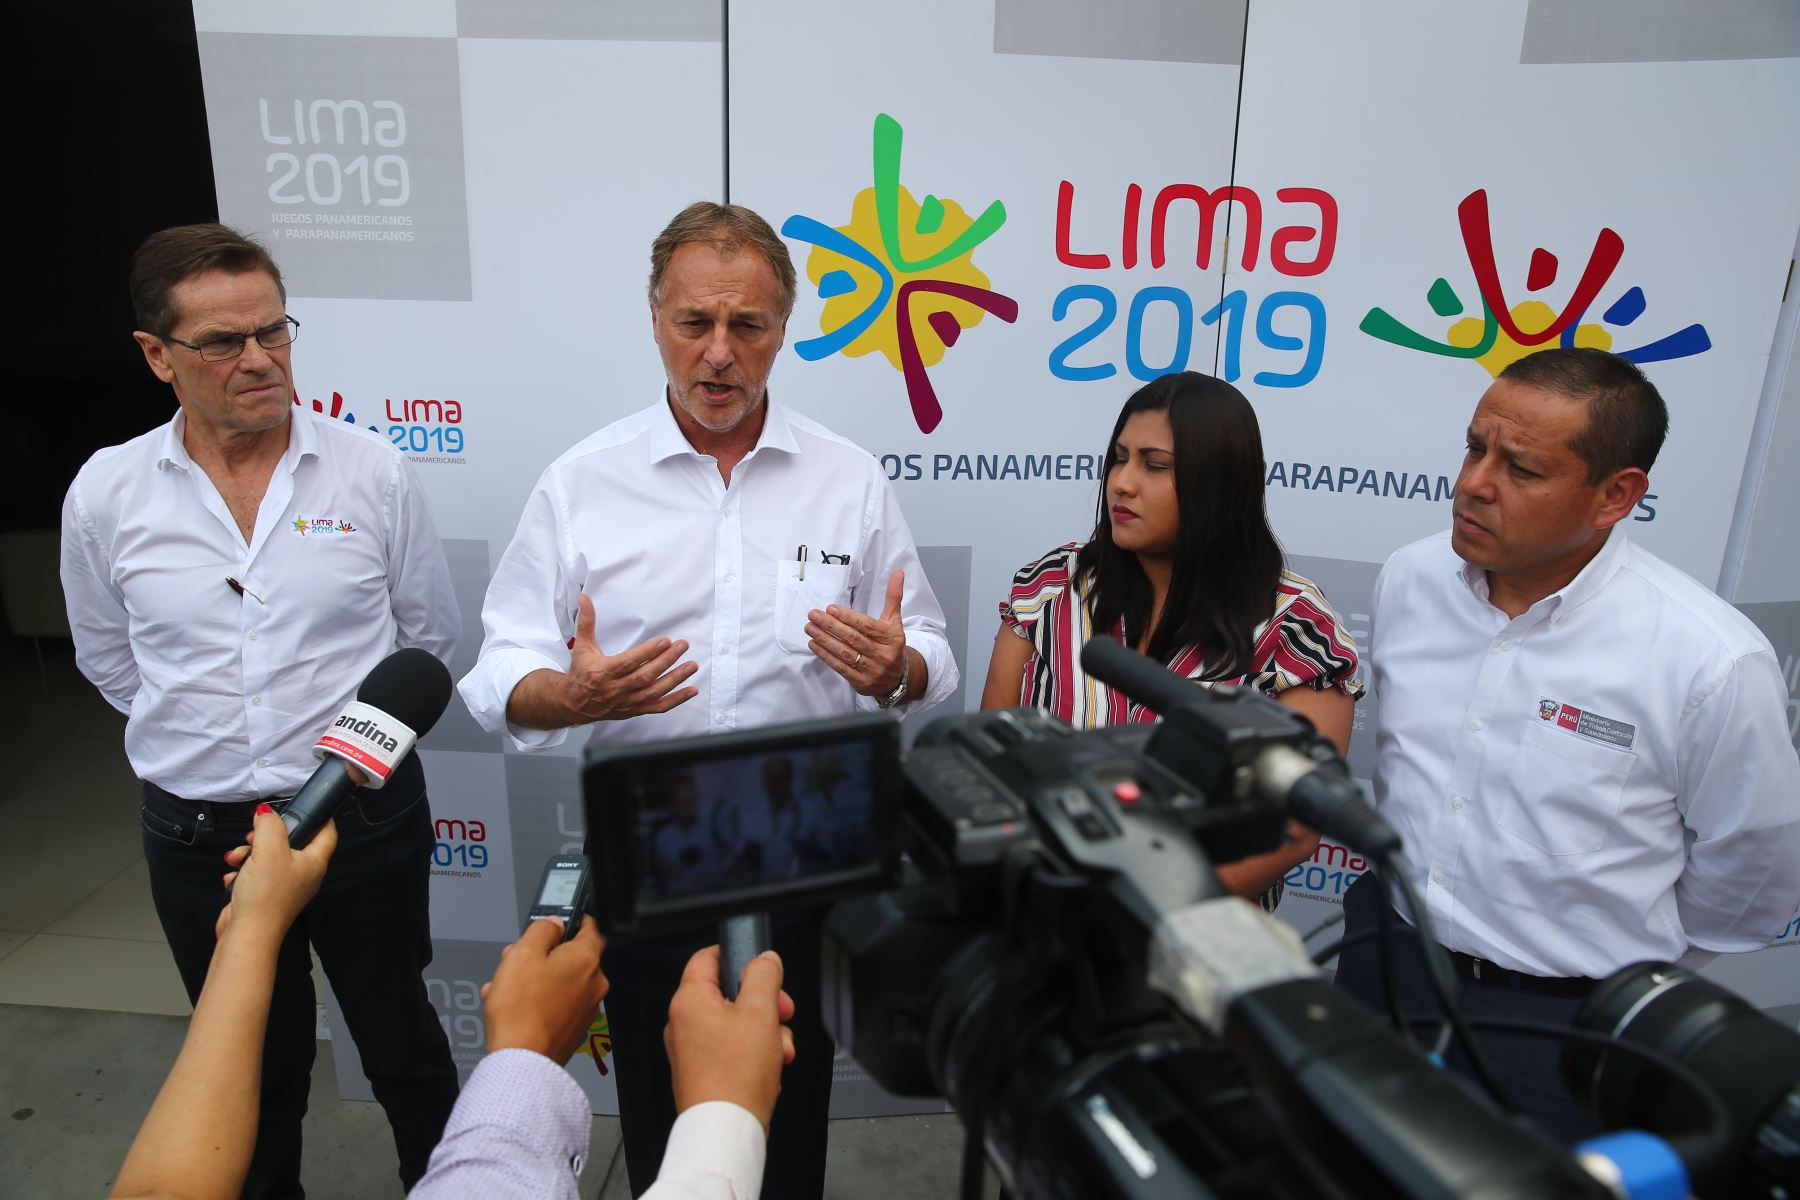 23/01/2019   Alcalde de Lima Jorge Muñoz asiste a reunión con los alcaldes distritales y jefe de los Panamericanos Carlos Neuhaus. Foto: ANDINA/Luis Iparraguirre